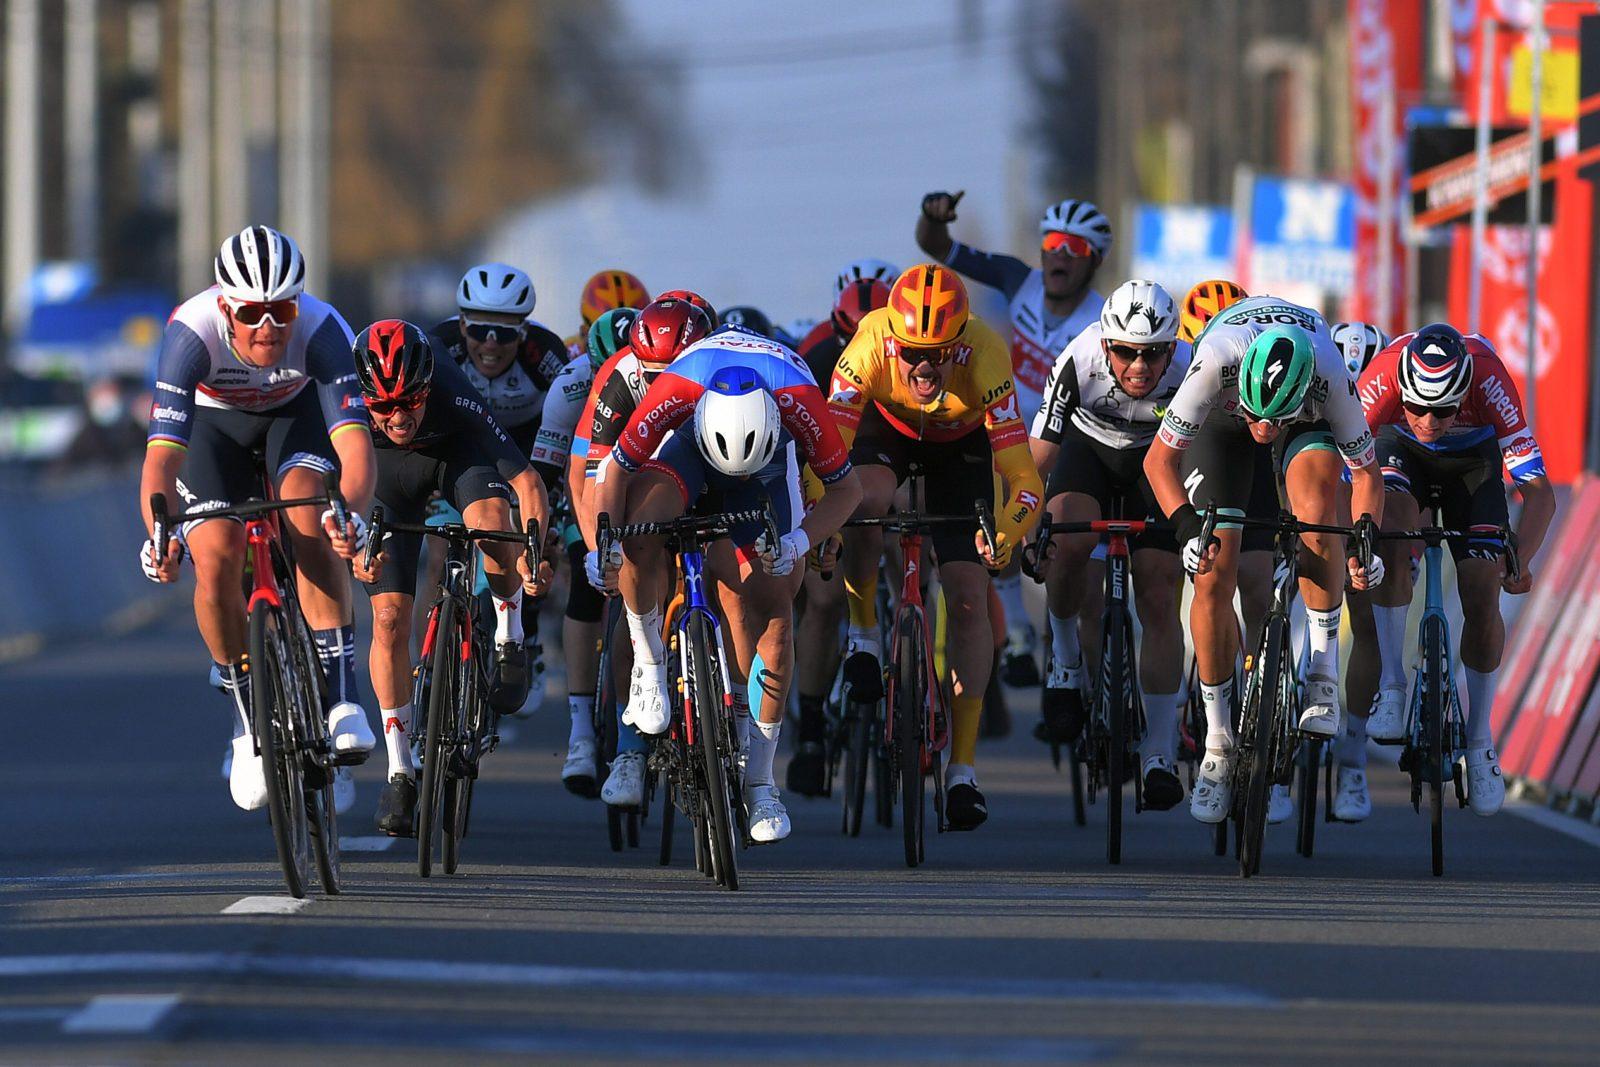 """Мадс Педерсен одержал победу на велогонке """"Кюрне — Брюссель — Кюрне — 2021"""""""